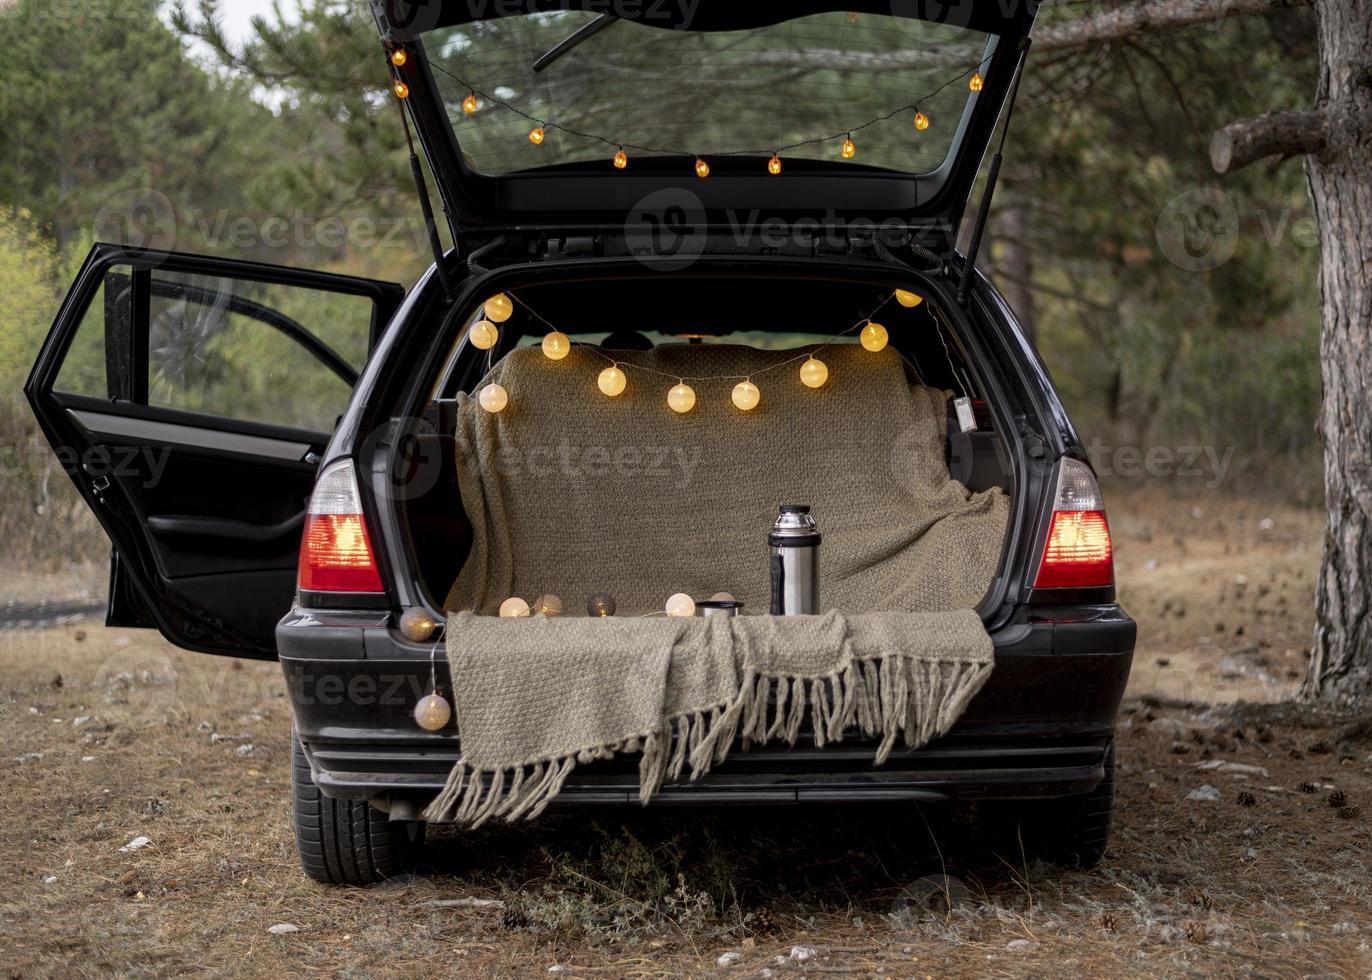 porta-malas de um carro bem aberto foto